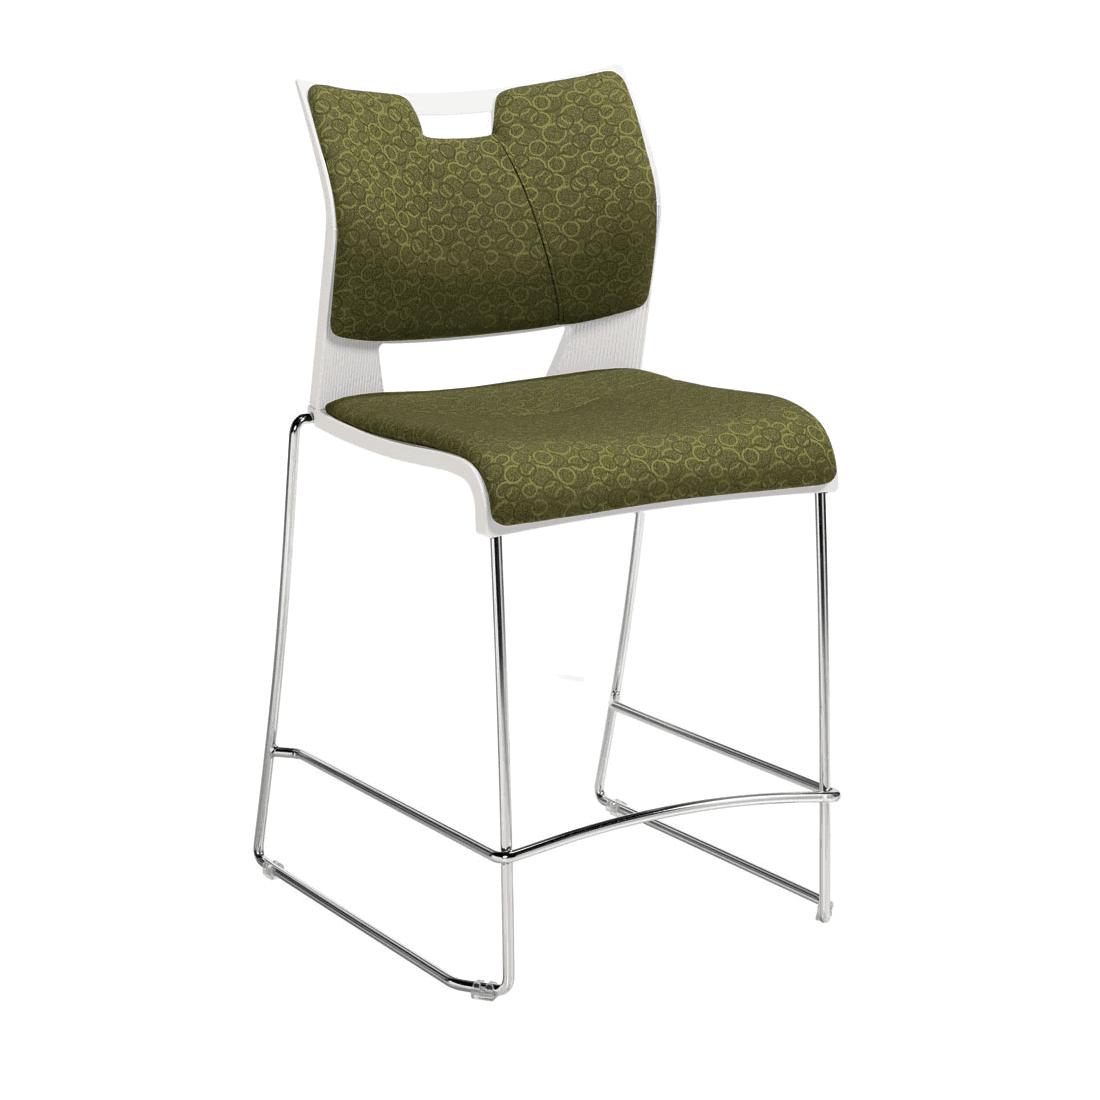 Global Duet Fabric Armless 20.75Wx23.5D×39.5H